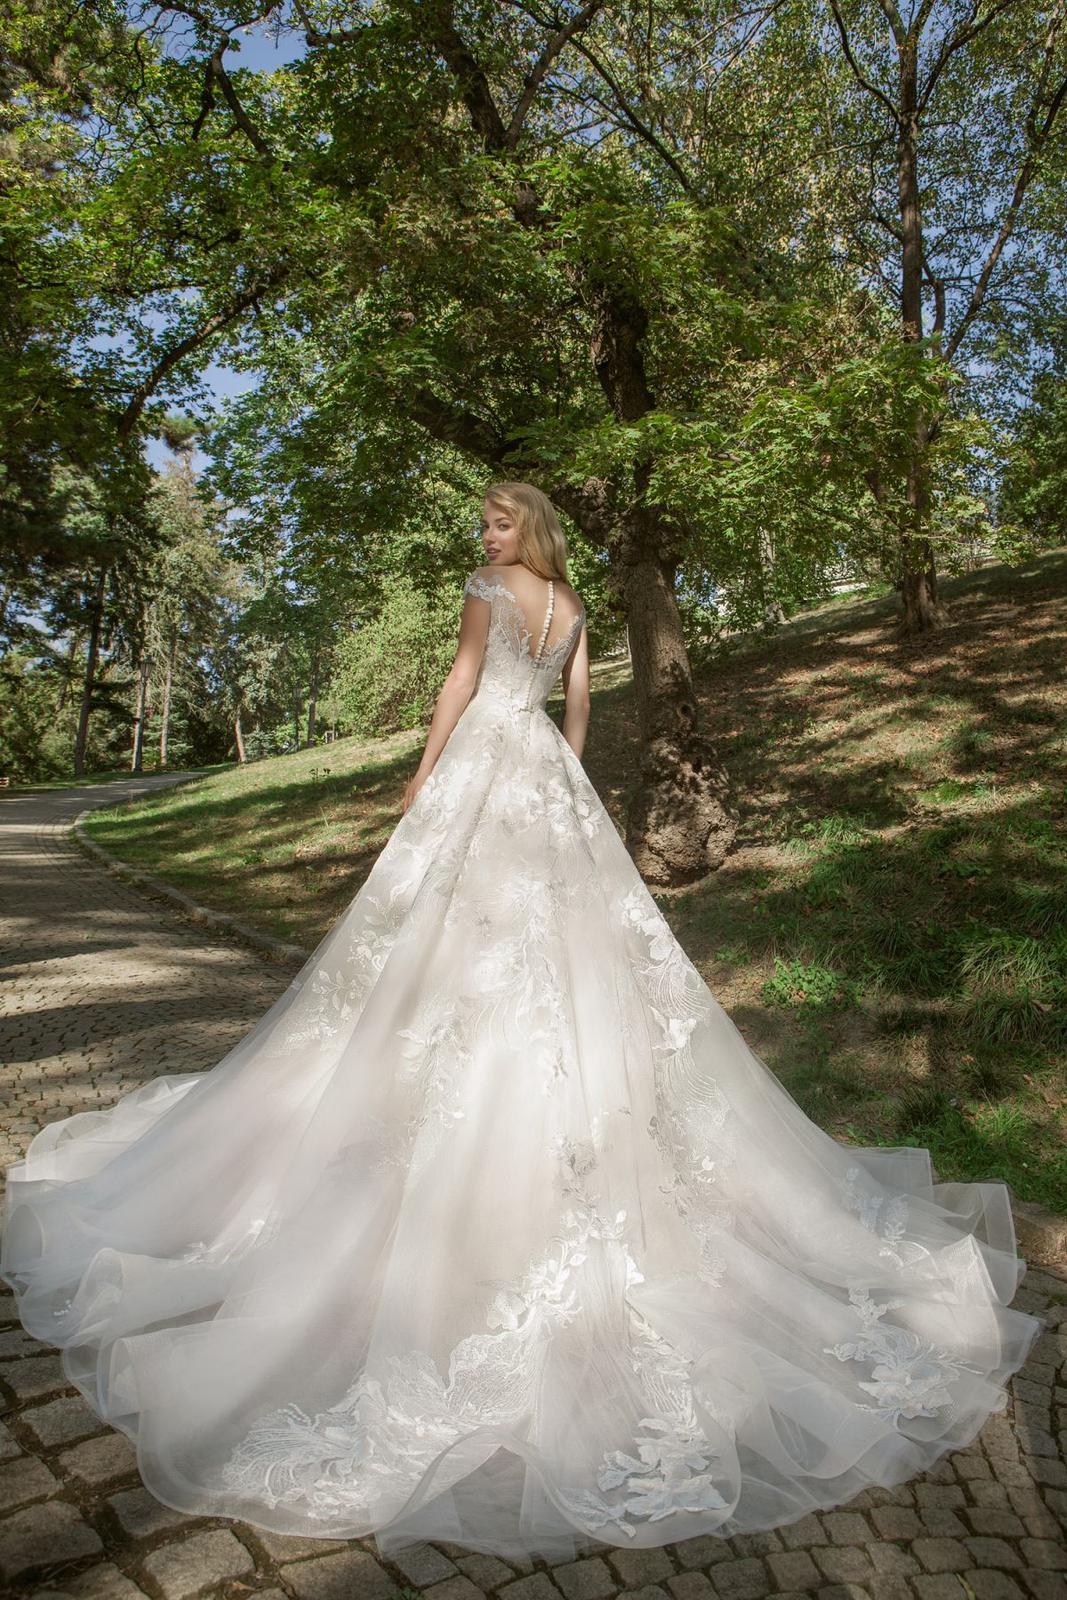 Eva Grandes princeznovské svatební šaty - Samanta zada svatebni šaty